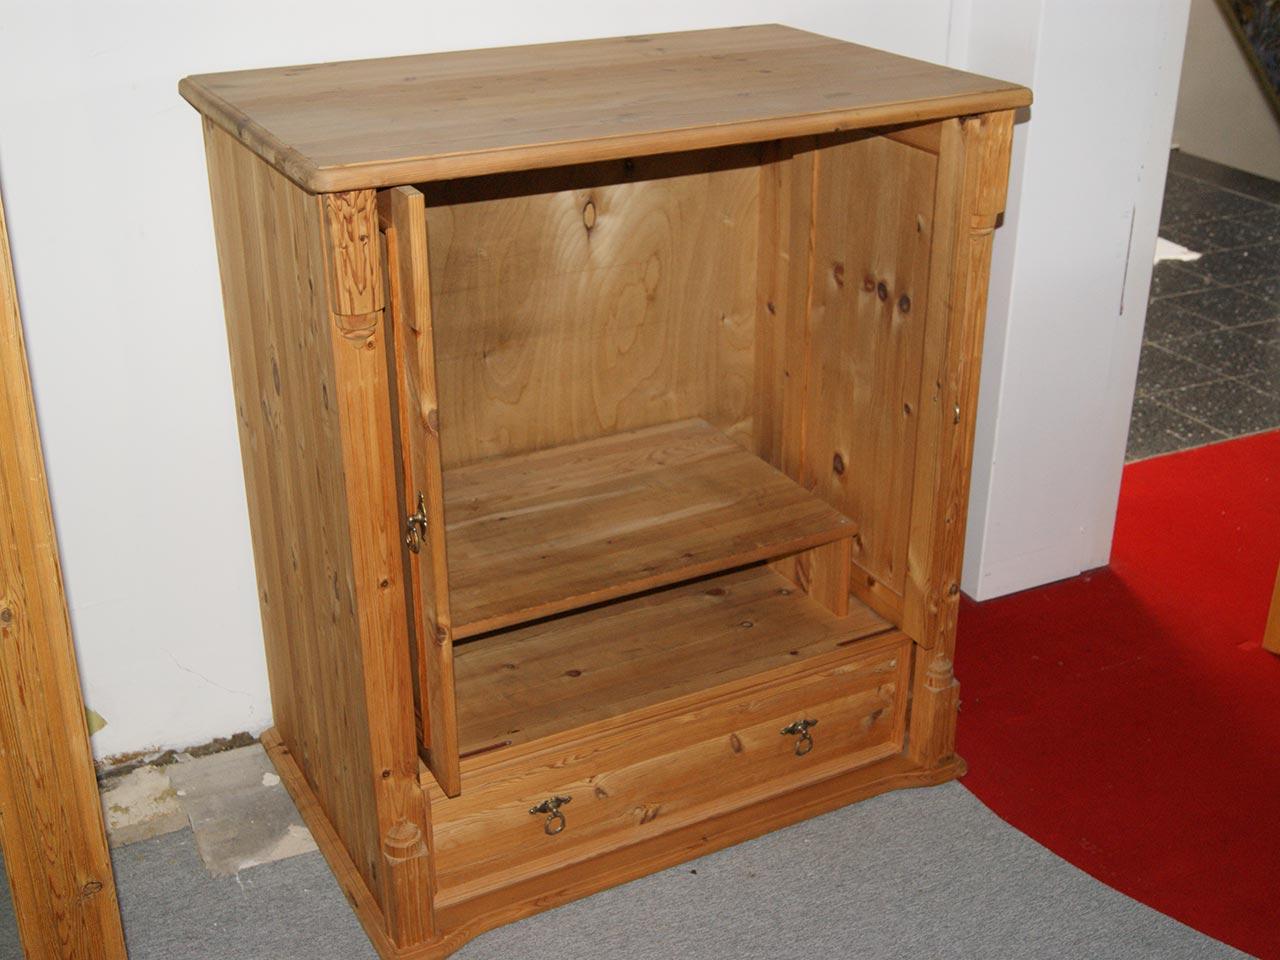 fernsehschrank fichte naturtv schrank kiefer wohnzimmer schrank ebay. Black Bedroom Furniture Sets. Home Design Ideas